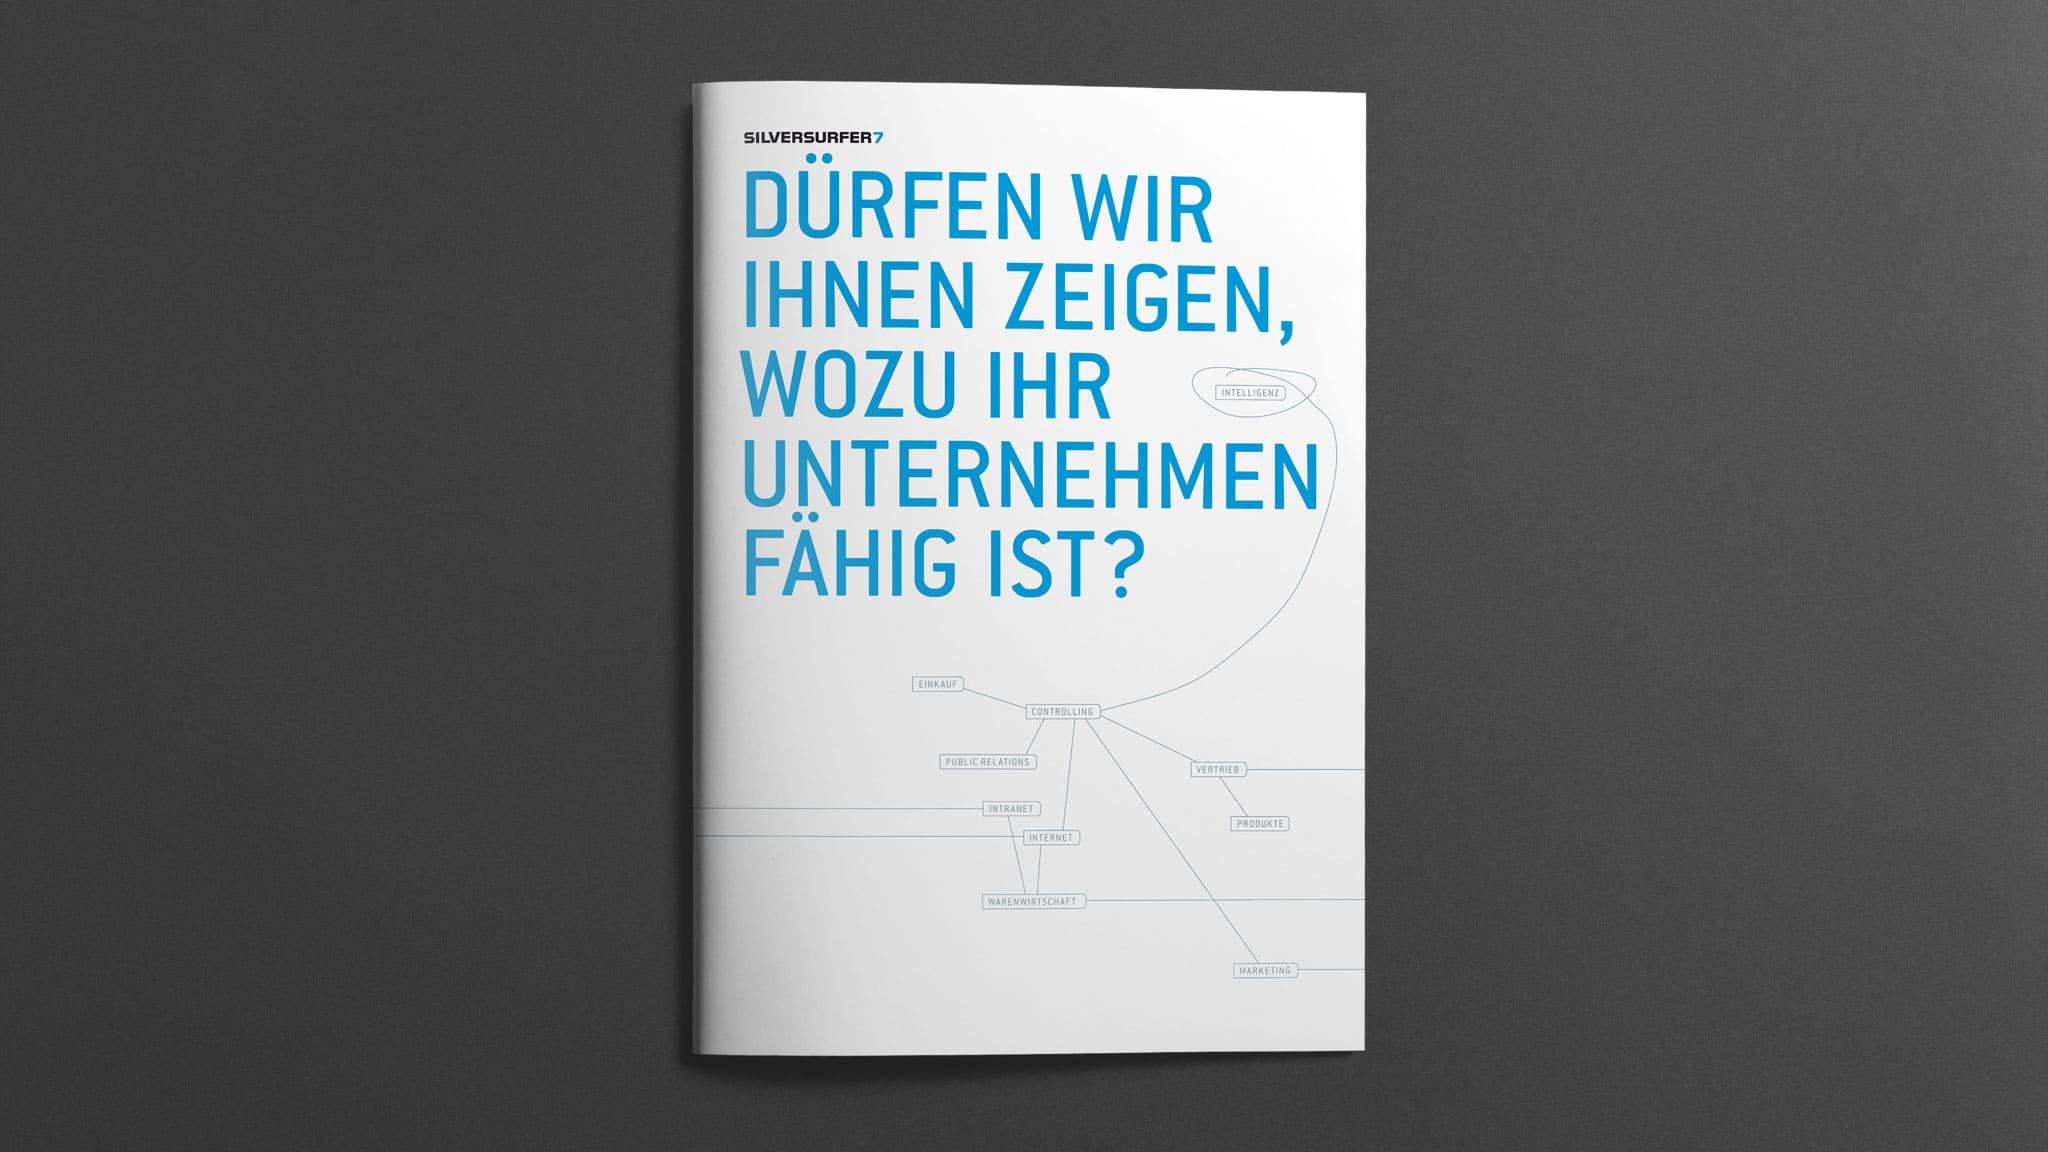 Titel-Design Imagebroschüre für silversurfer7